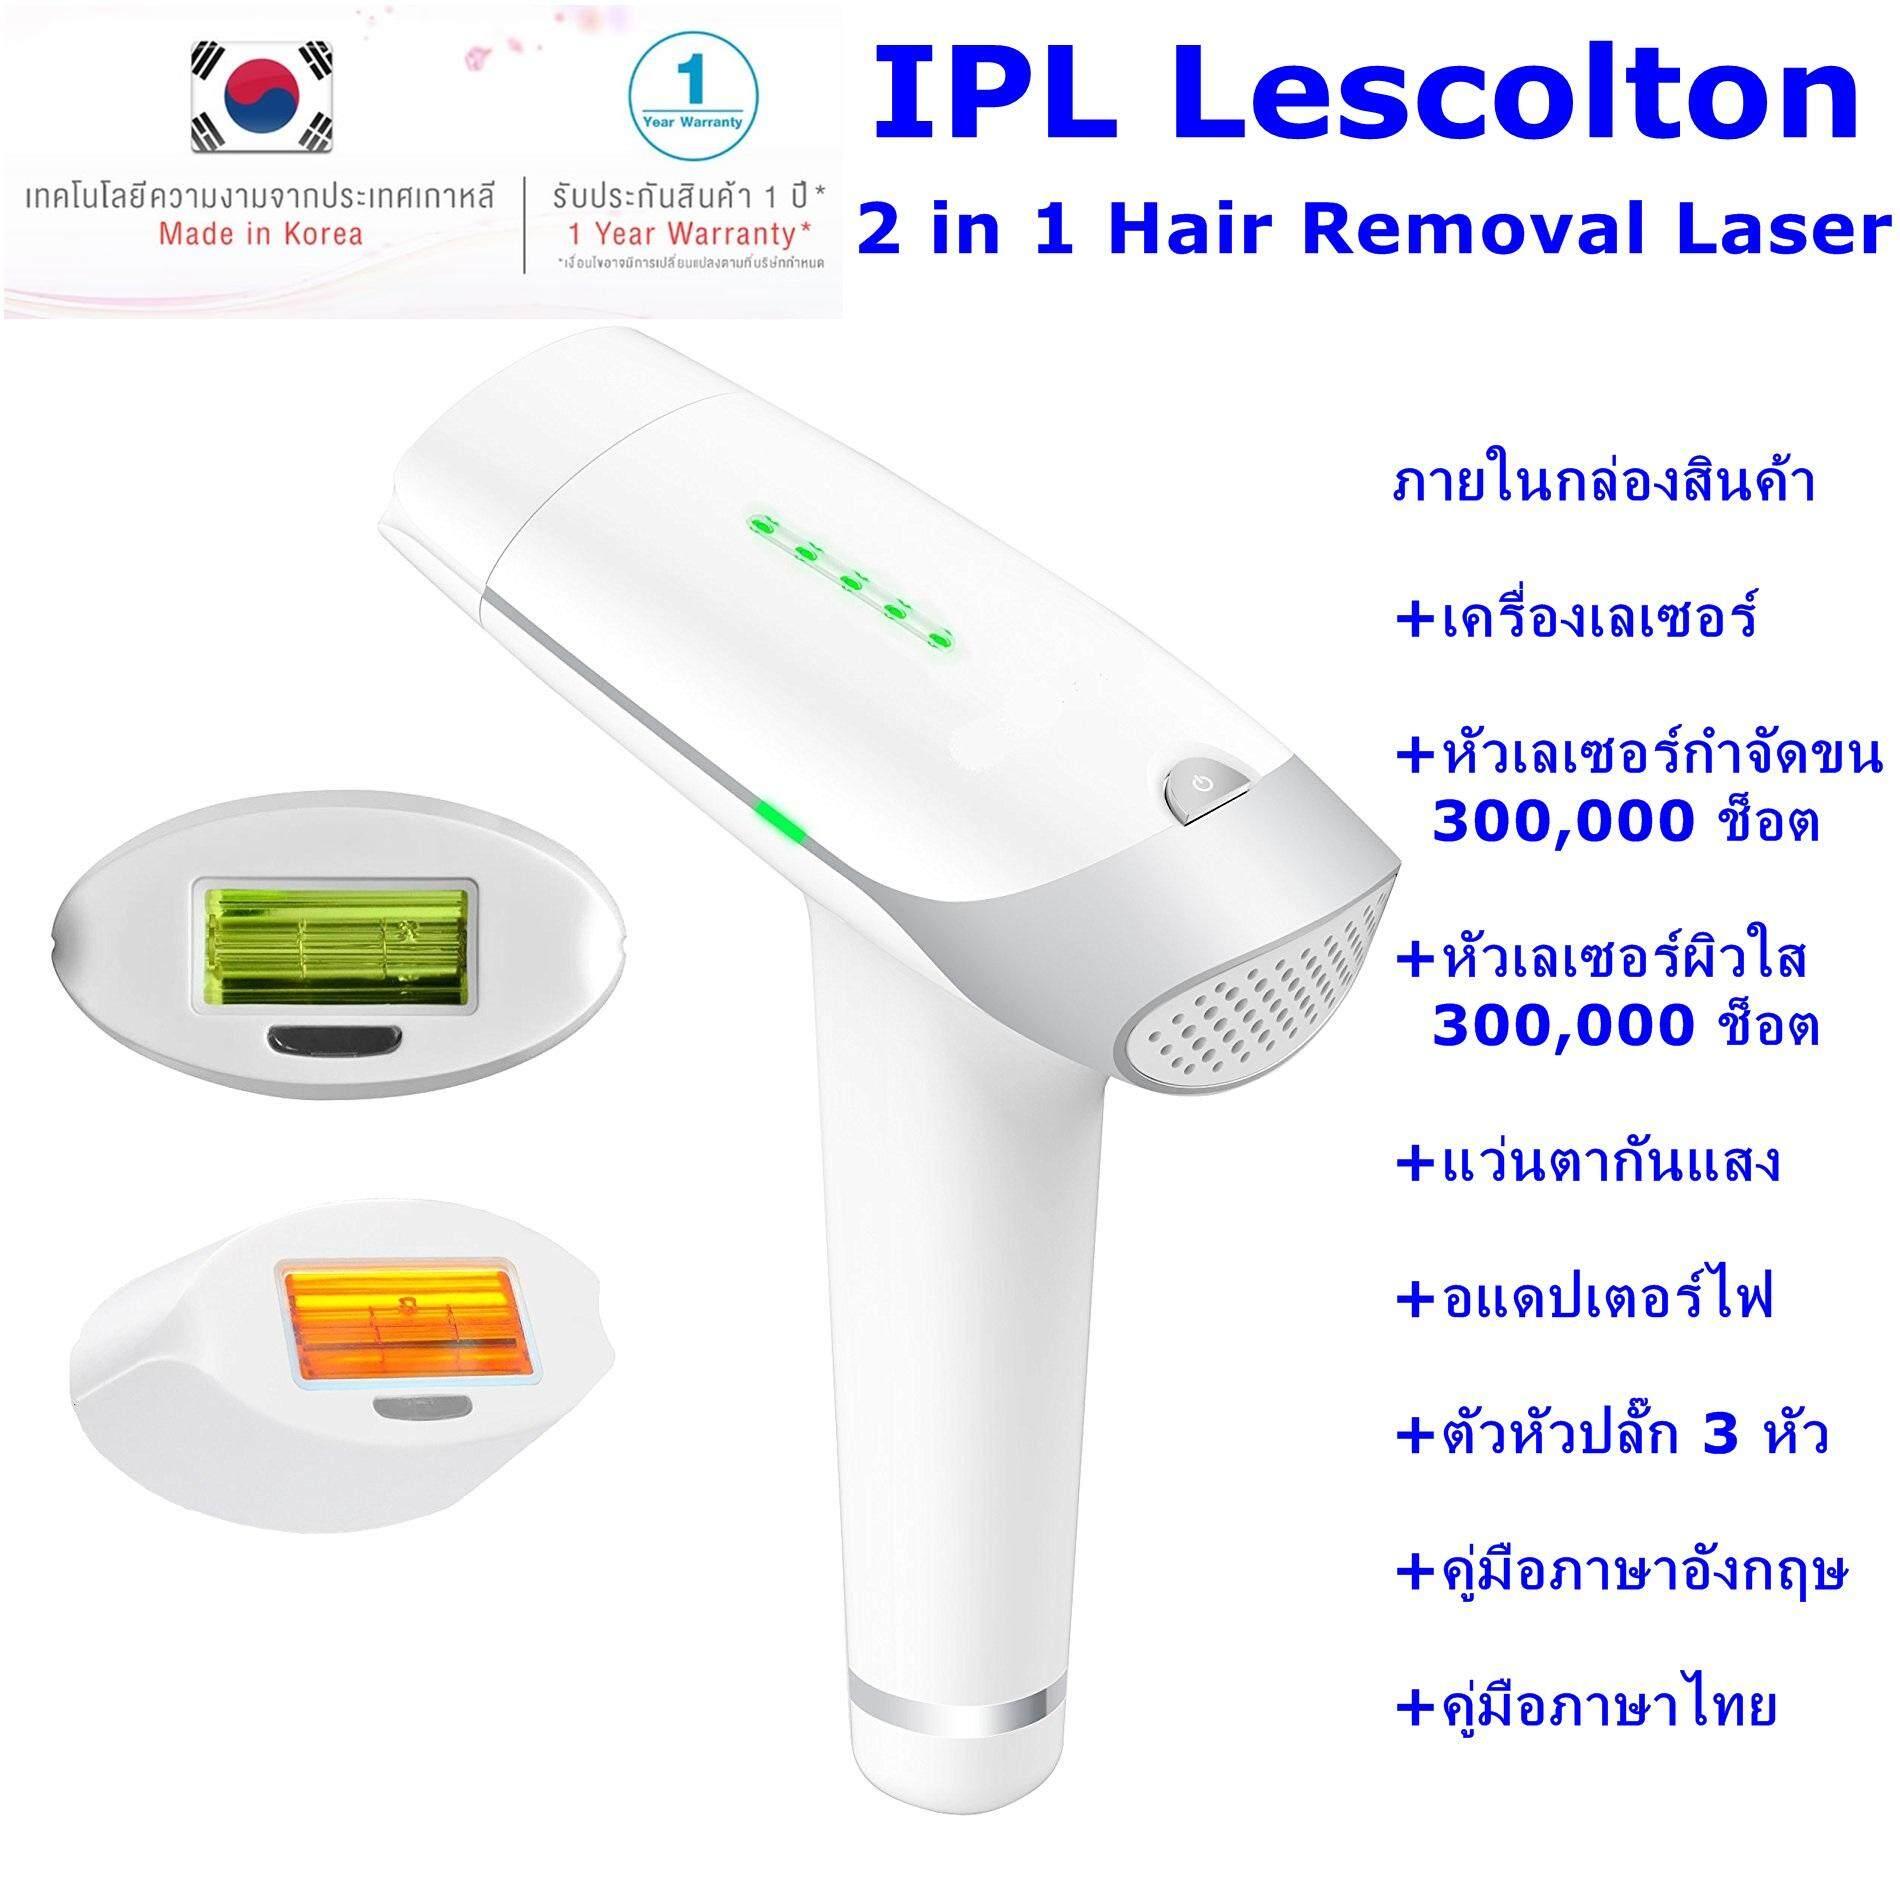 เลเซอร์กำจัดขนถาวร เลเซอร์หน้าใส IPL Lescolton 2in1 แท้ 100% + ฟื้นฟูสภาพผิว,กระตุ้นคอลลาเจน  Lazada.com รับประกัน 1 ปี (ระวังสินค้าเลียนแบบ)